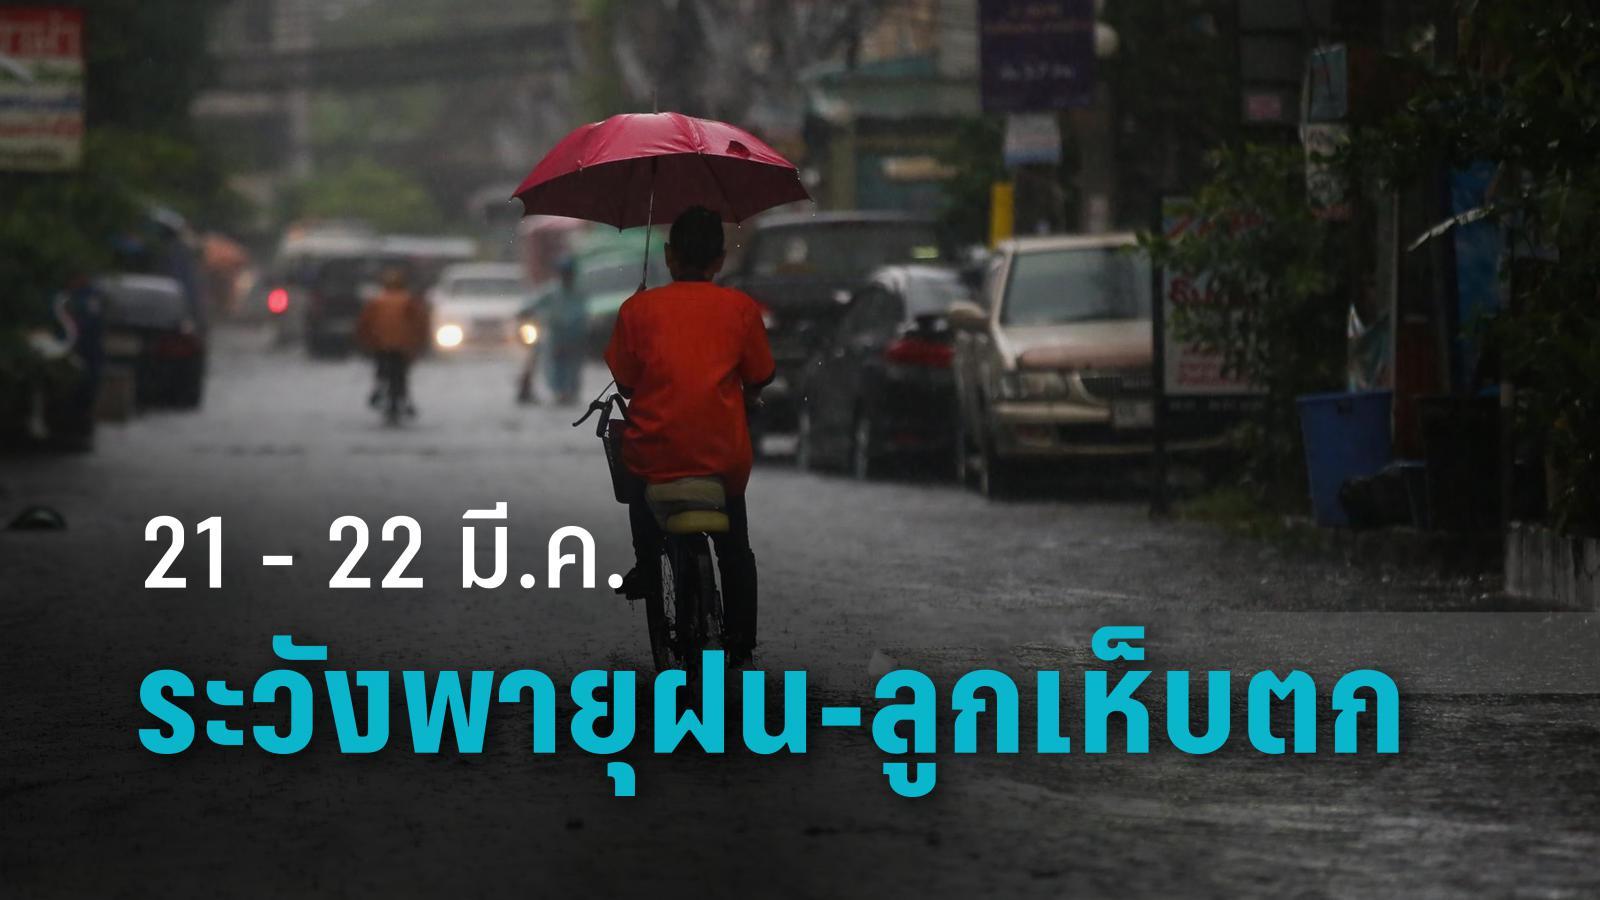 อุตุฯ เตือน 21 - 22 มี.ค. ระวังพายุฝน-ลูกเห็บตก